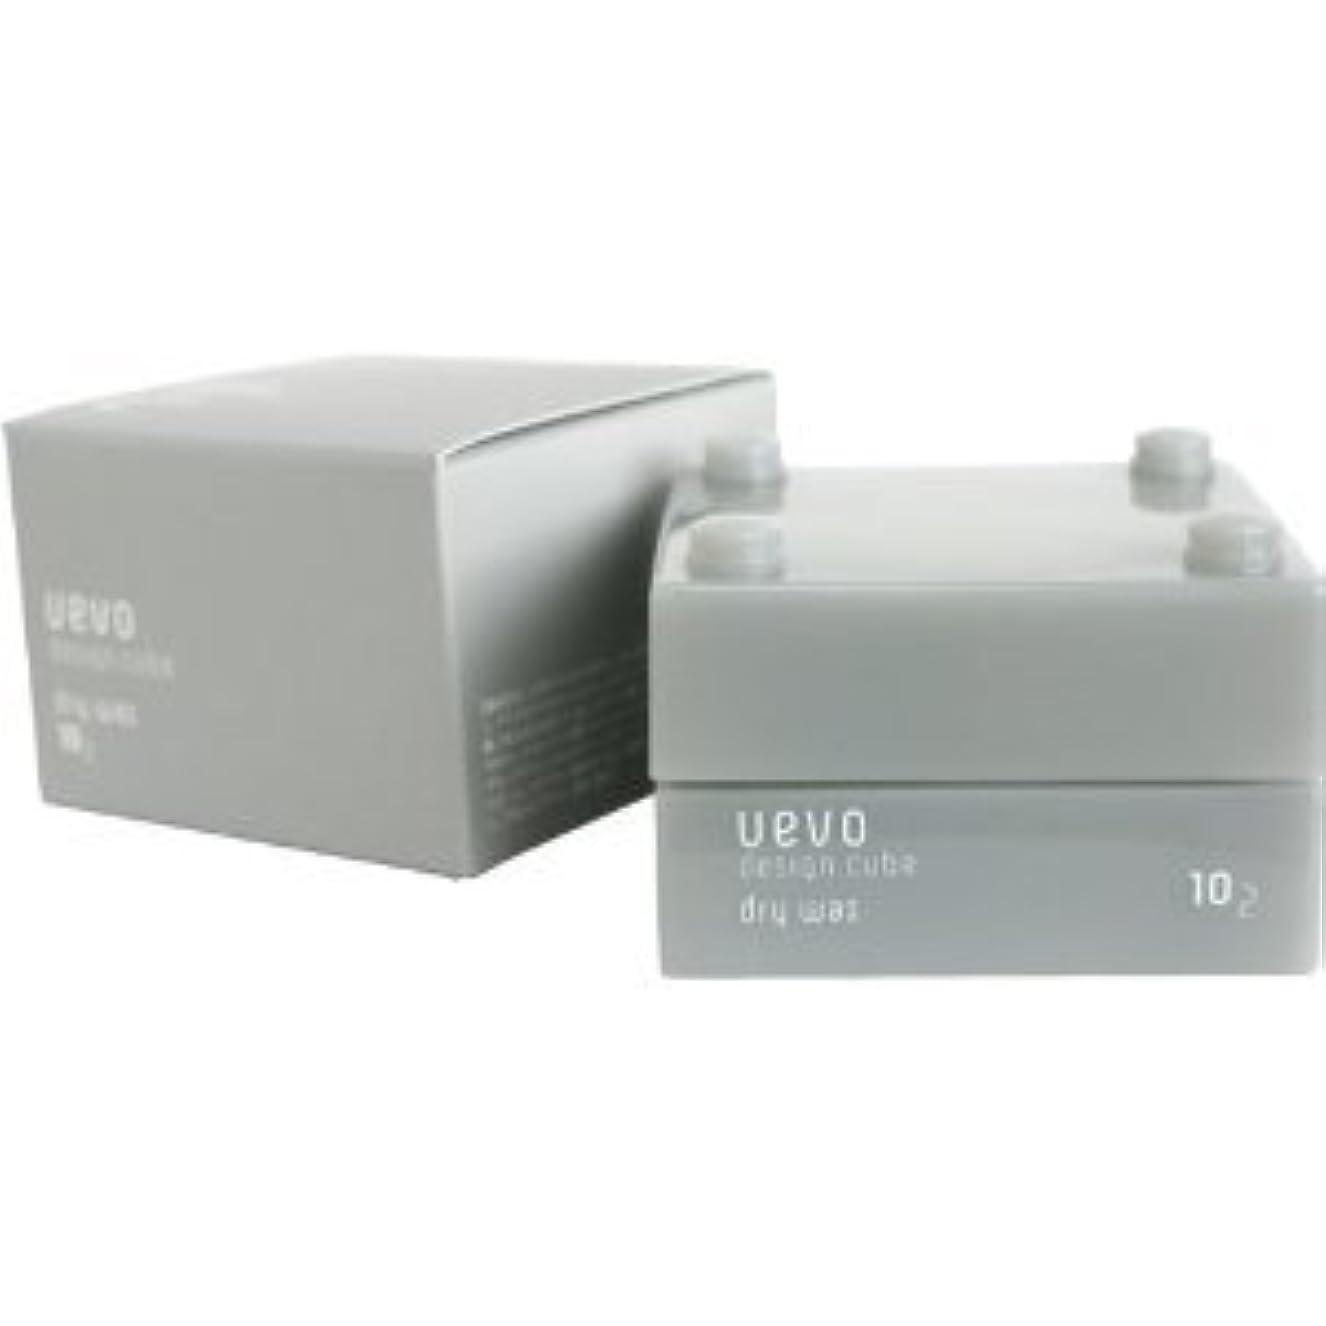 底つぼみ刺激する【X2個セット】 デミ ウェーボ デザインキューブ ドライワックス 30g dry wax DEMI uevo design cube